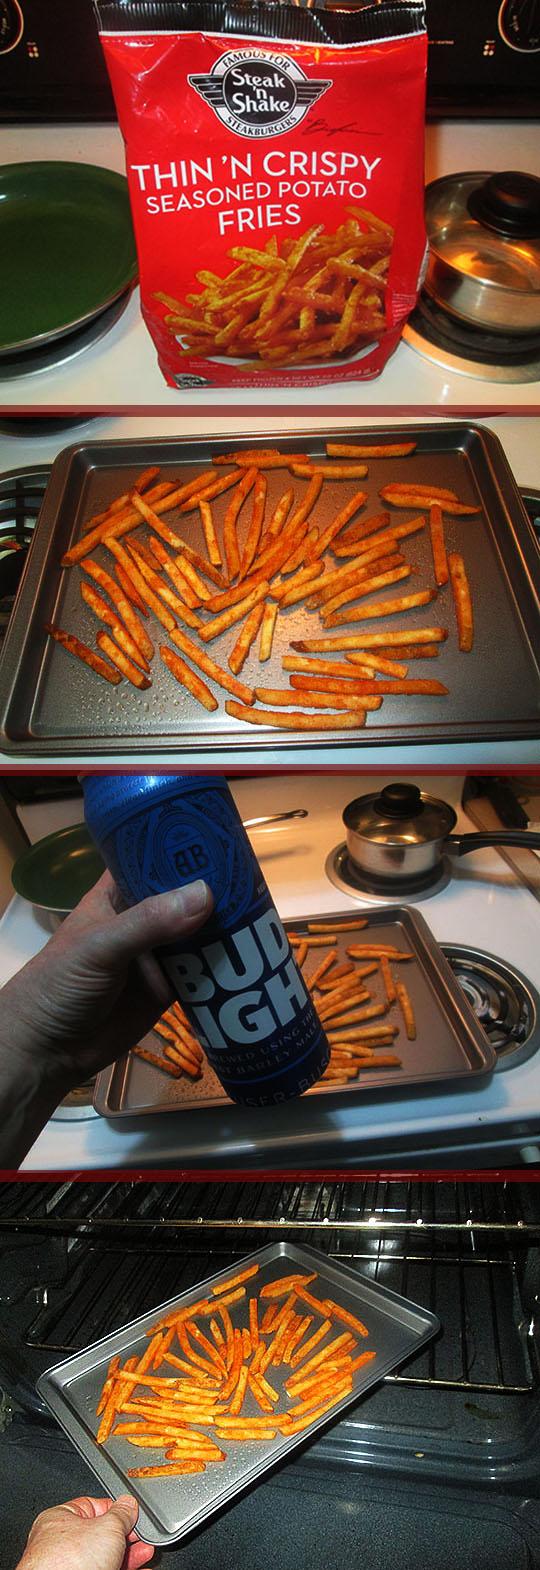 3. fries_5-30-19.jpg